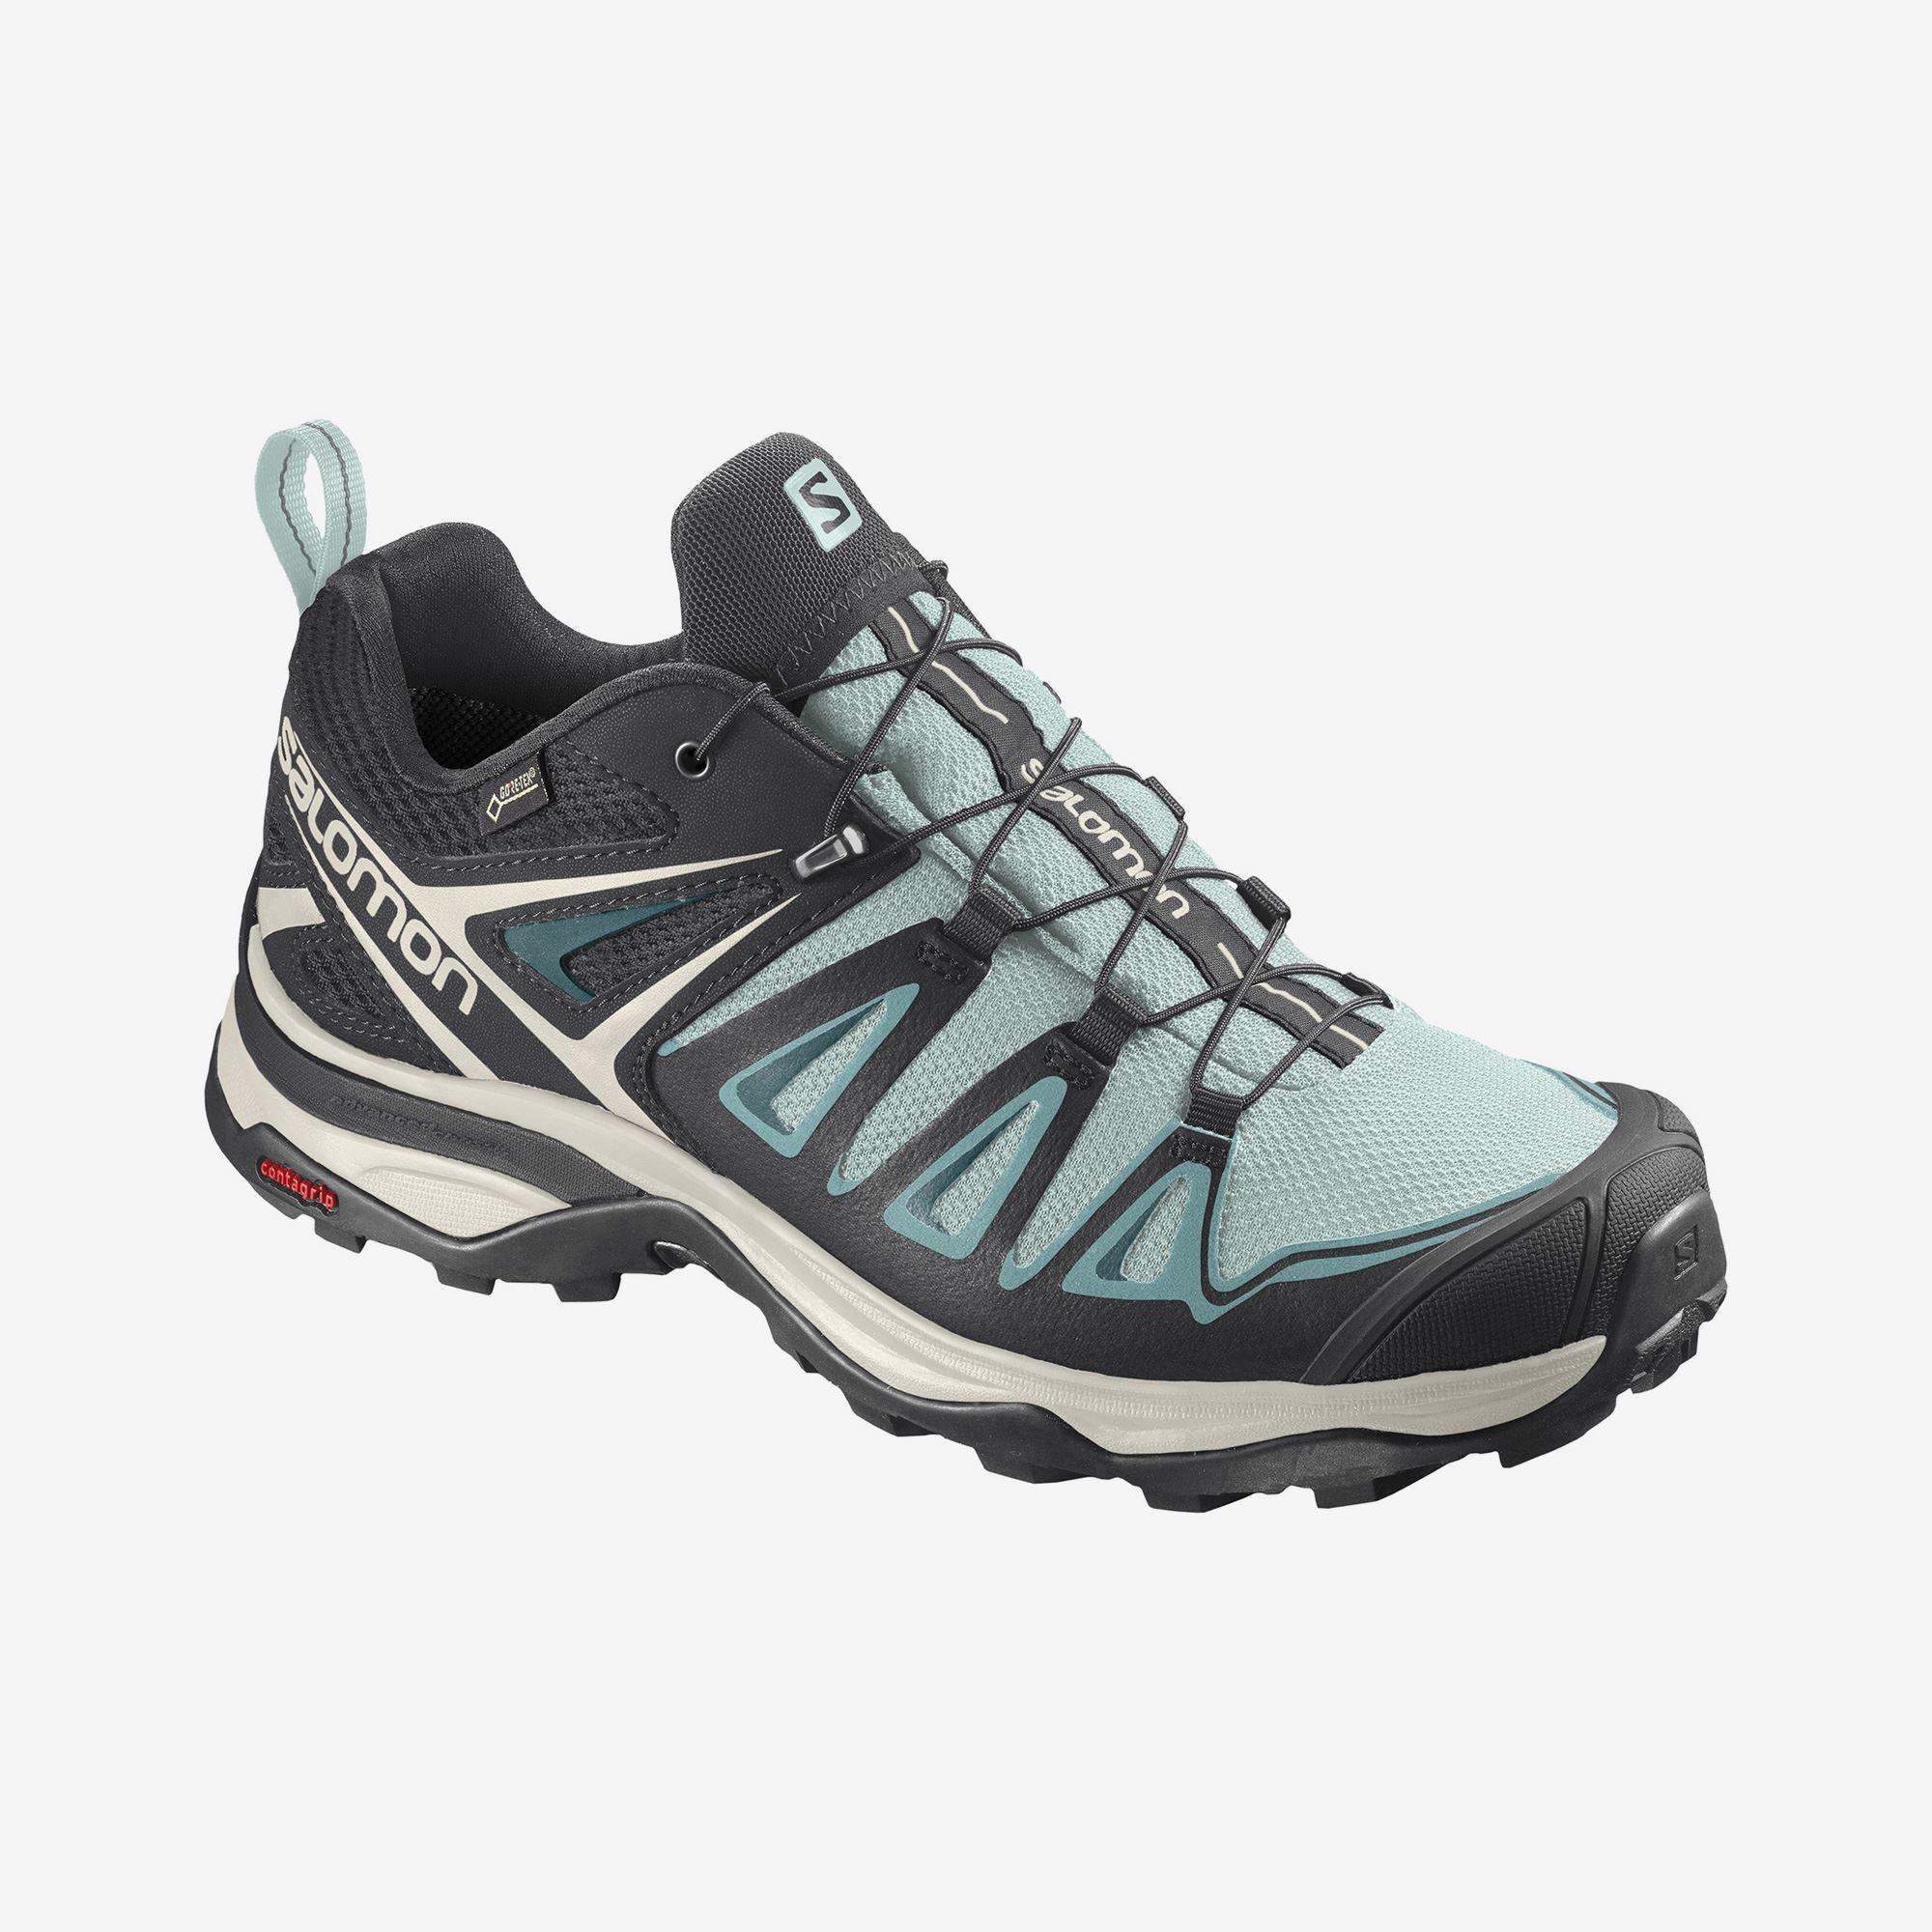 X Ultra 3 GTX Shoe - Women's